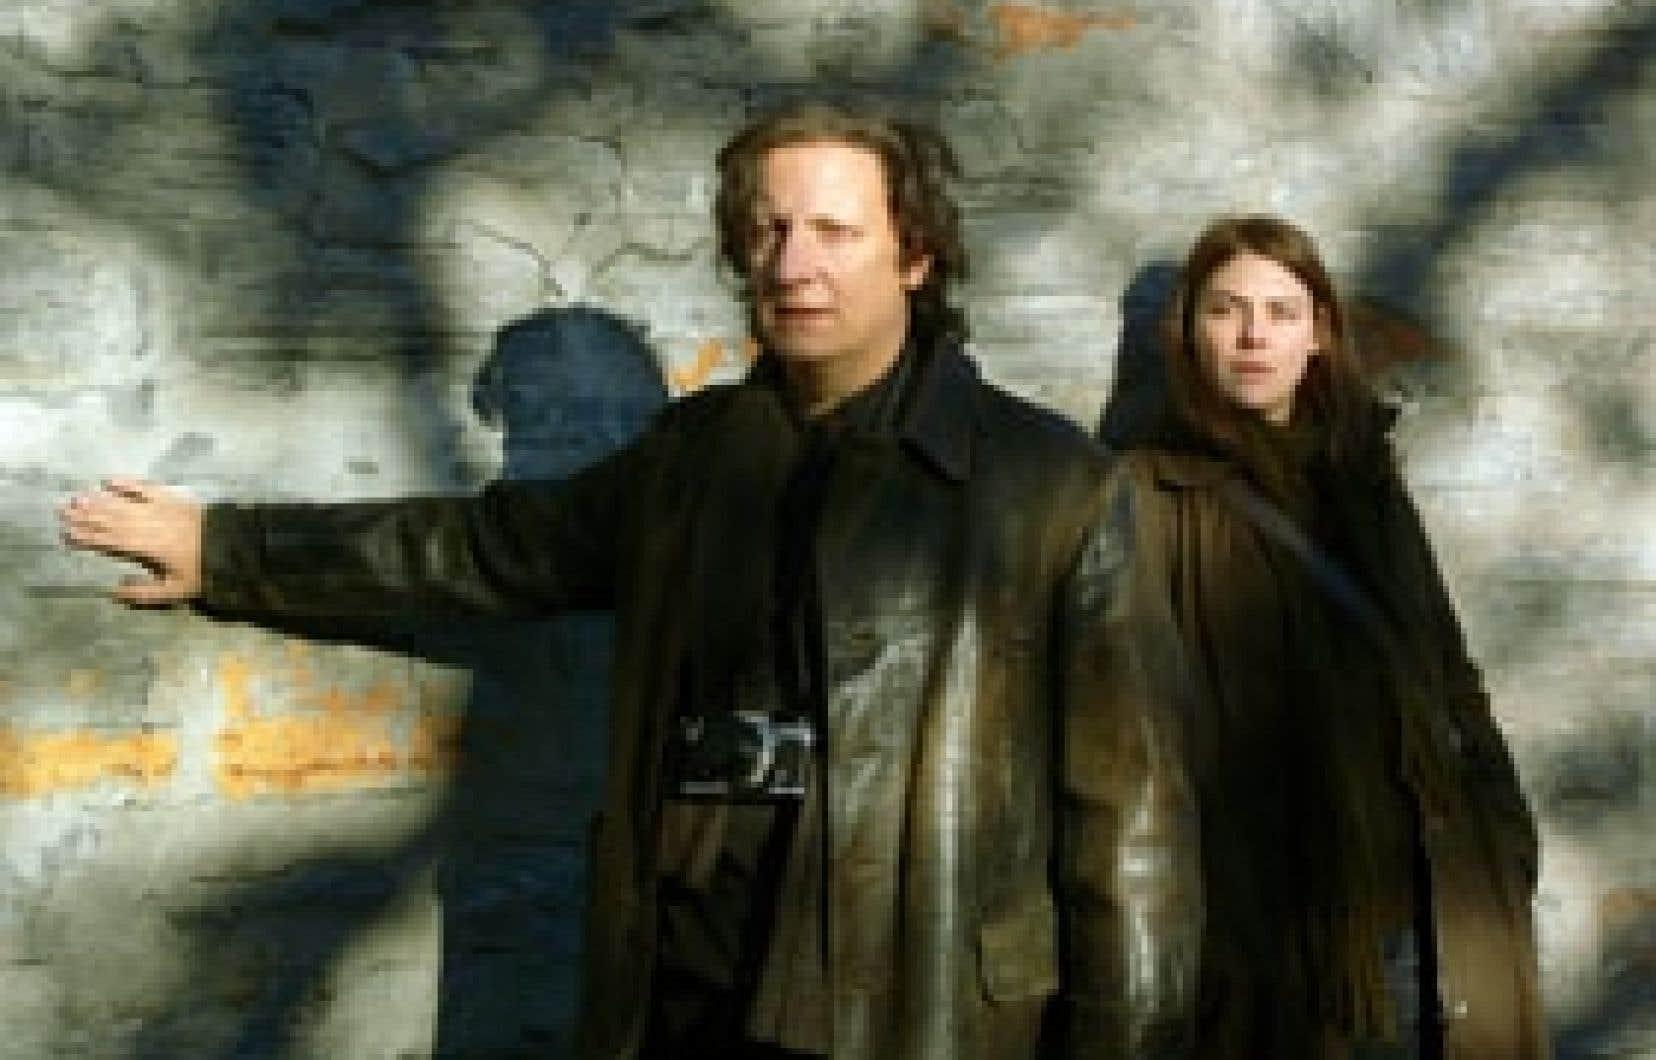 Jean-Luc (Robert Lepage), un photographe aveugle, autonome autant que faire se peut, courtise la lumière et s'attache à Fanny (Hélène Florent) dans le film de Catherine Martin, Dans les villes.